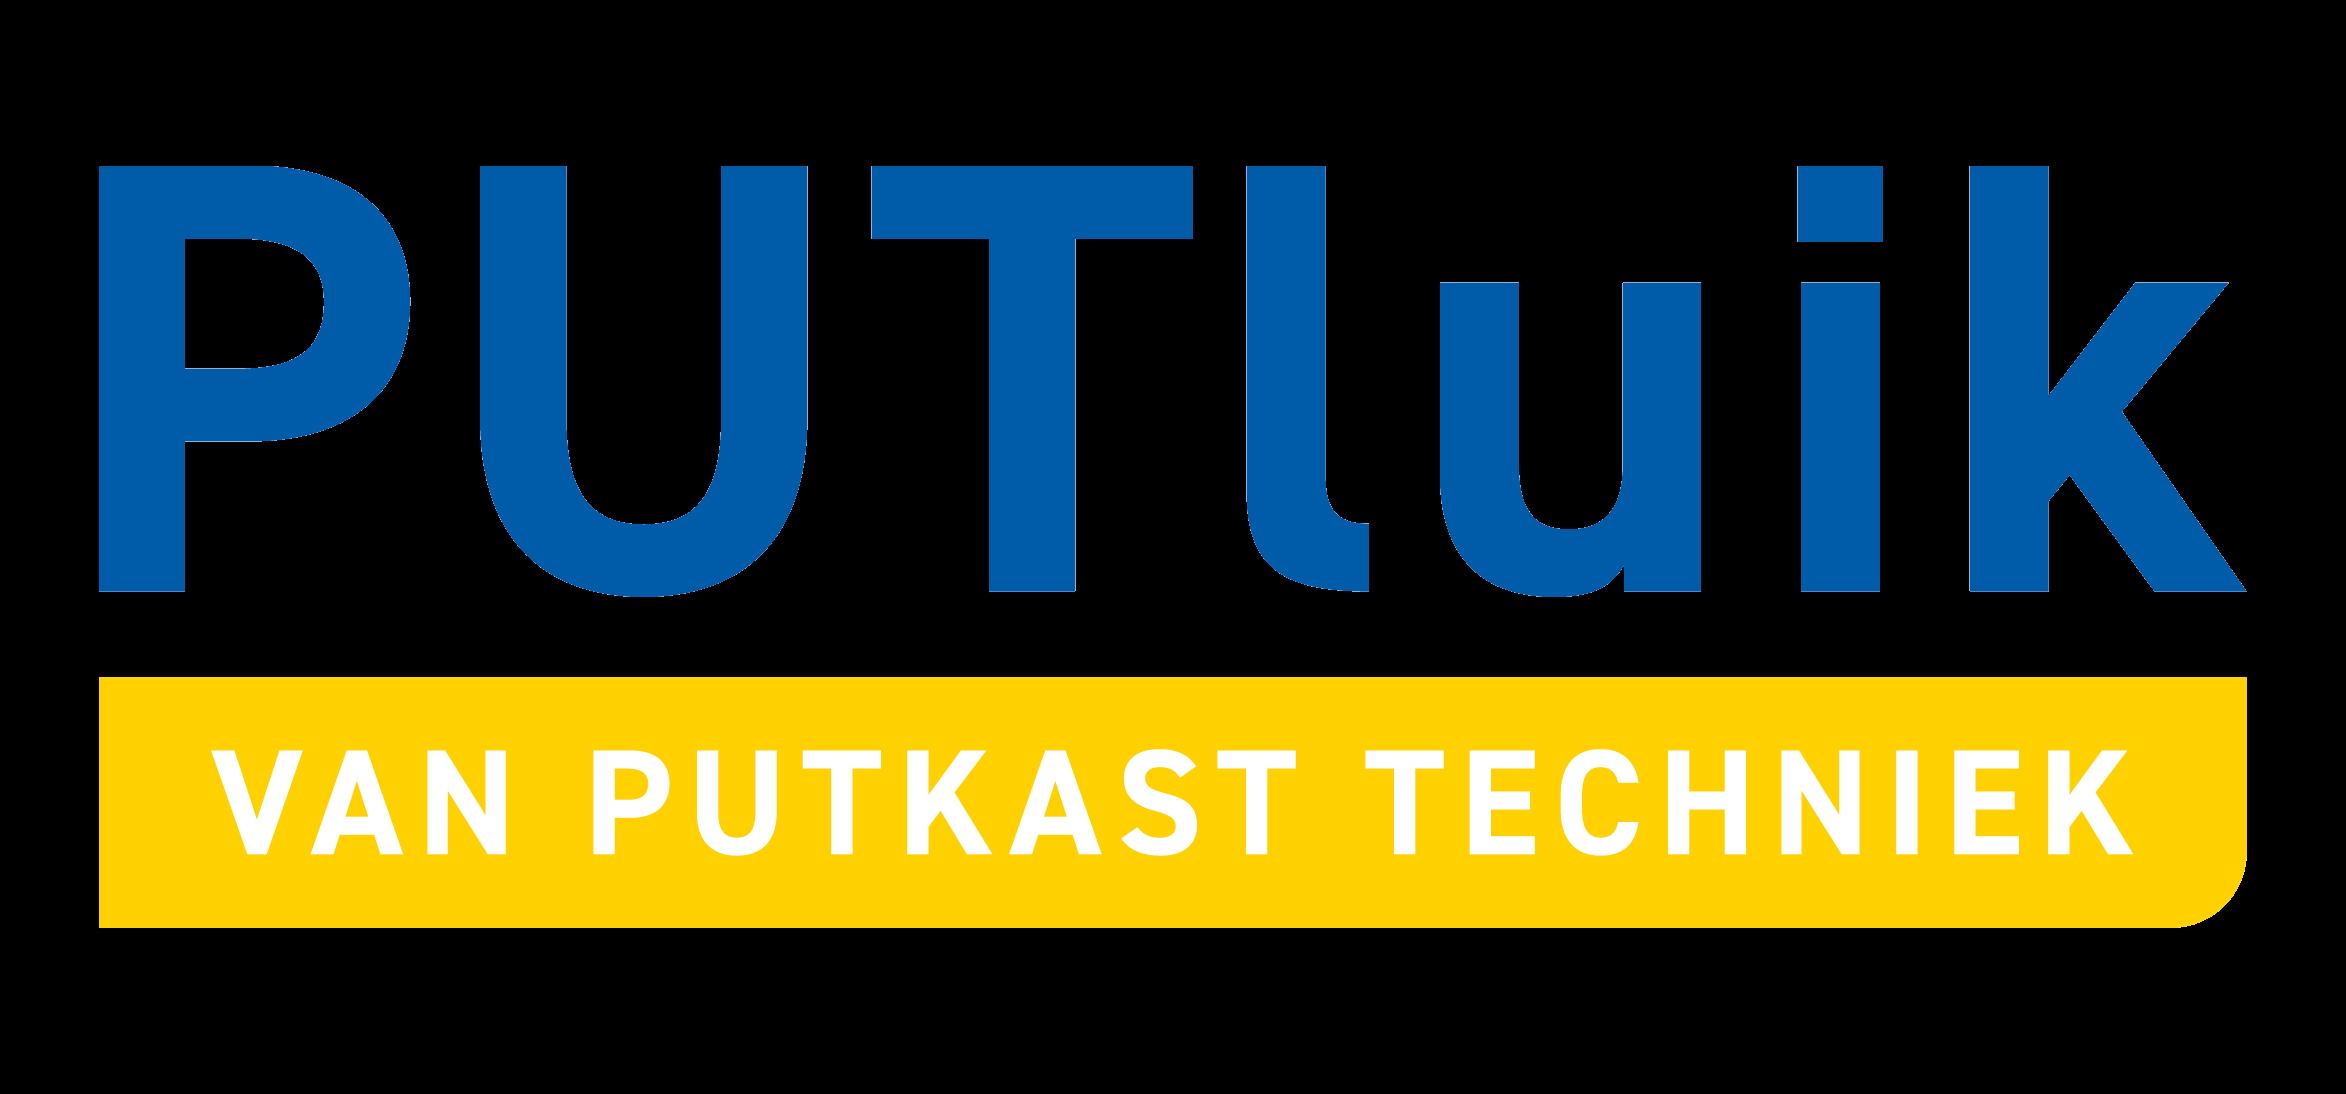 PUTluik.nl